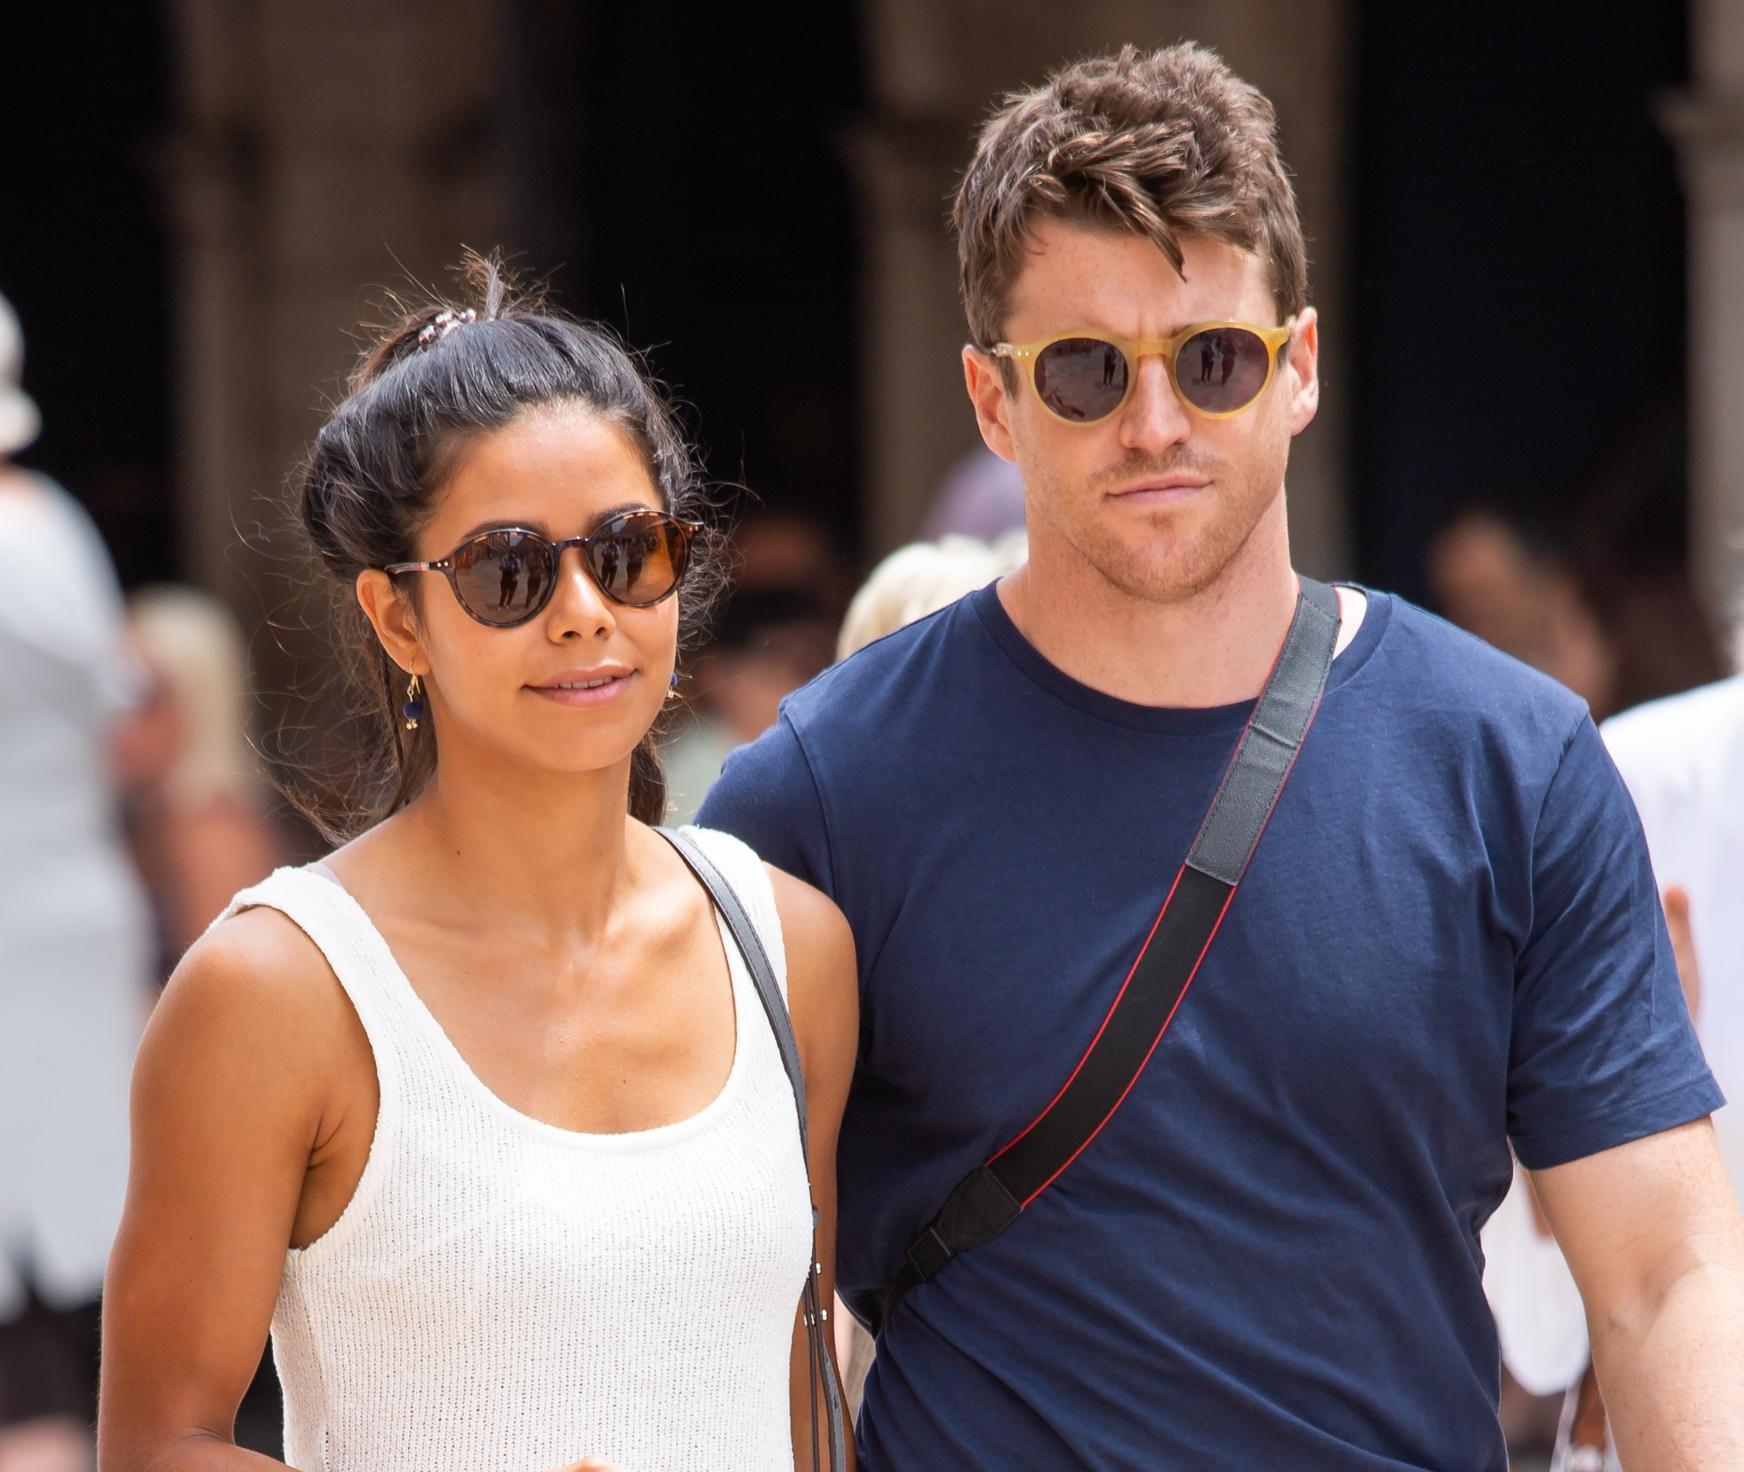 Dubrovnikom prošetao cool par, a svi su gledali njezine fantastične noge u vrućim hlačicama